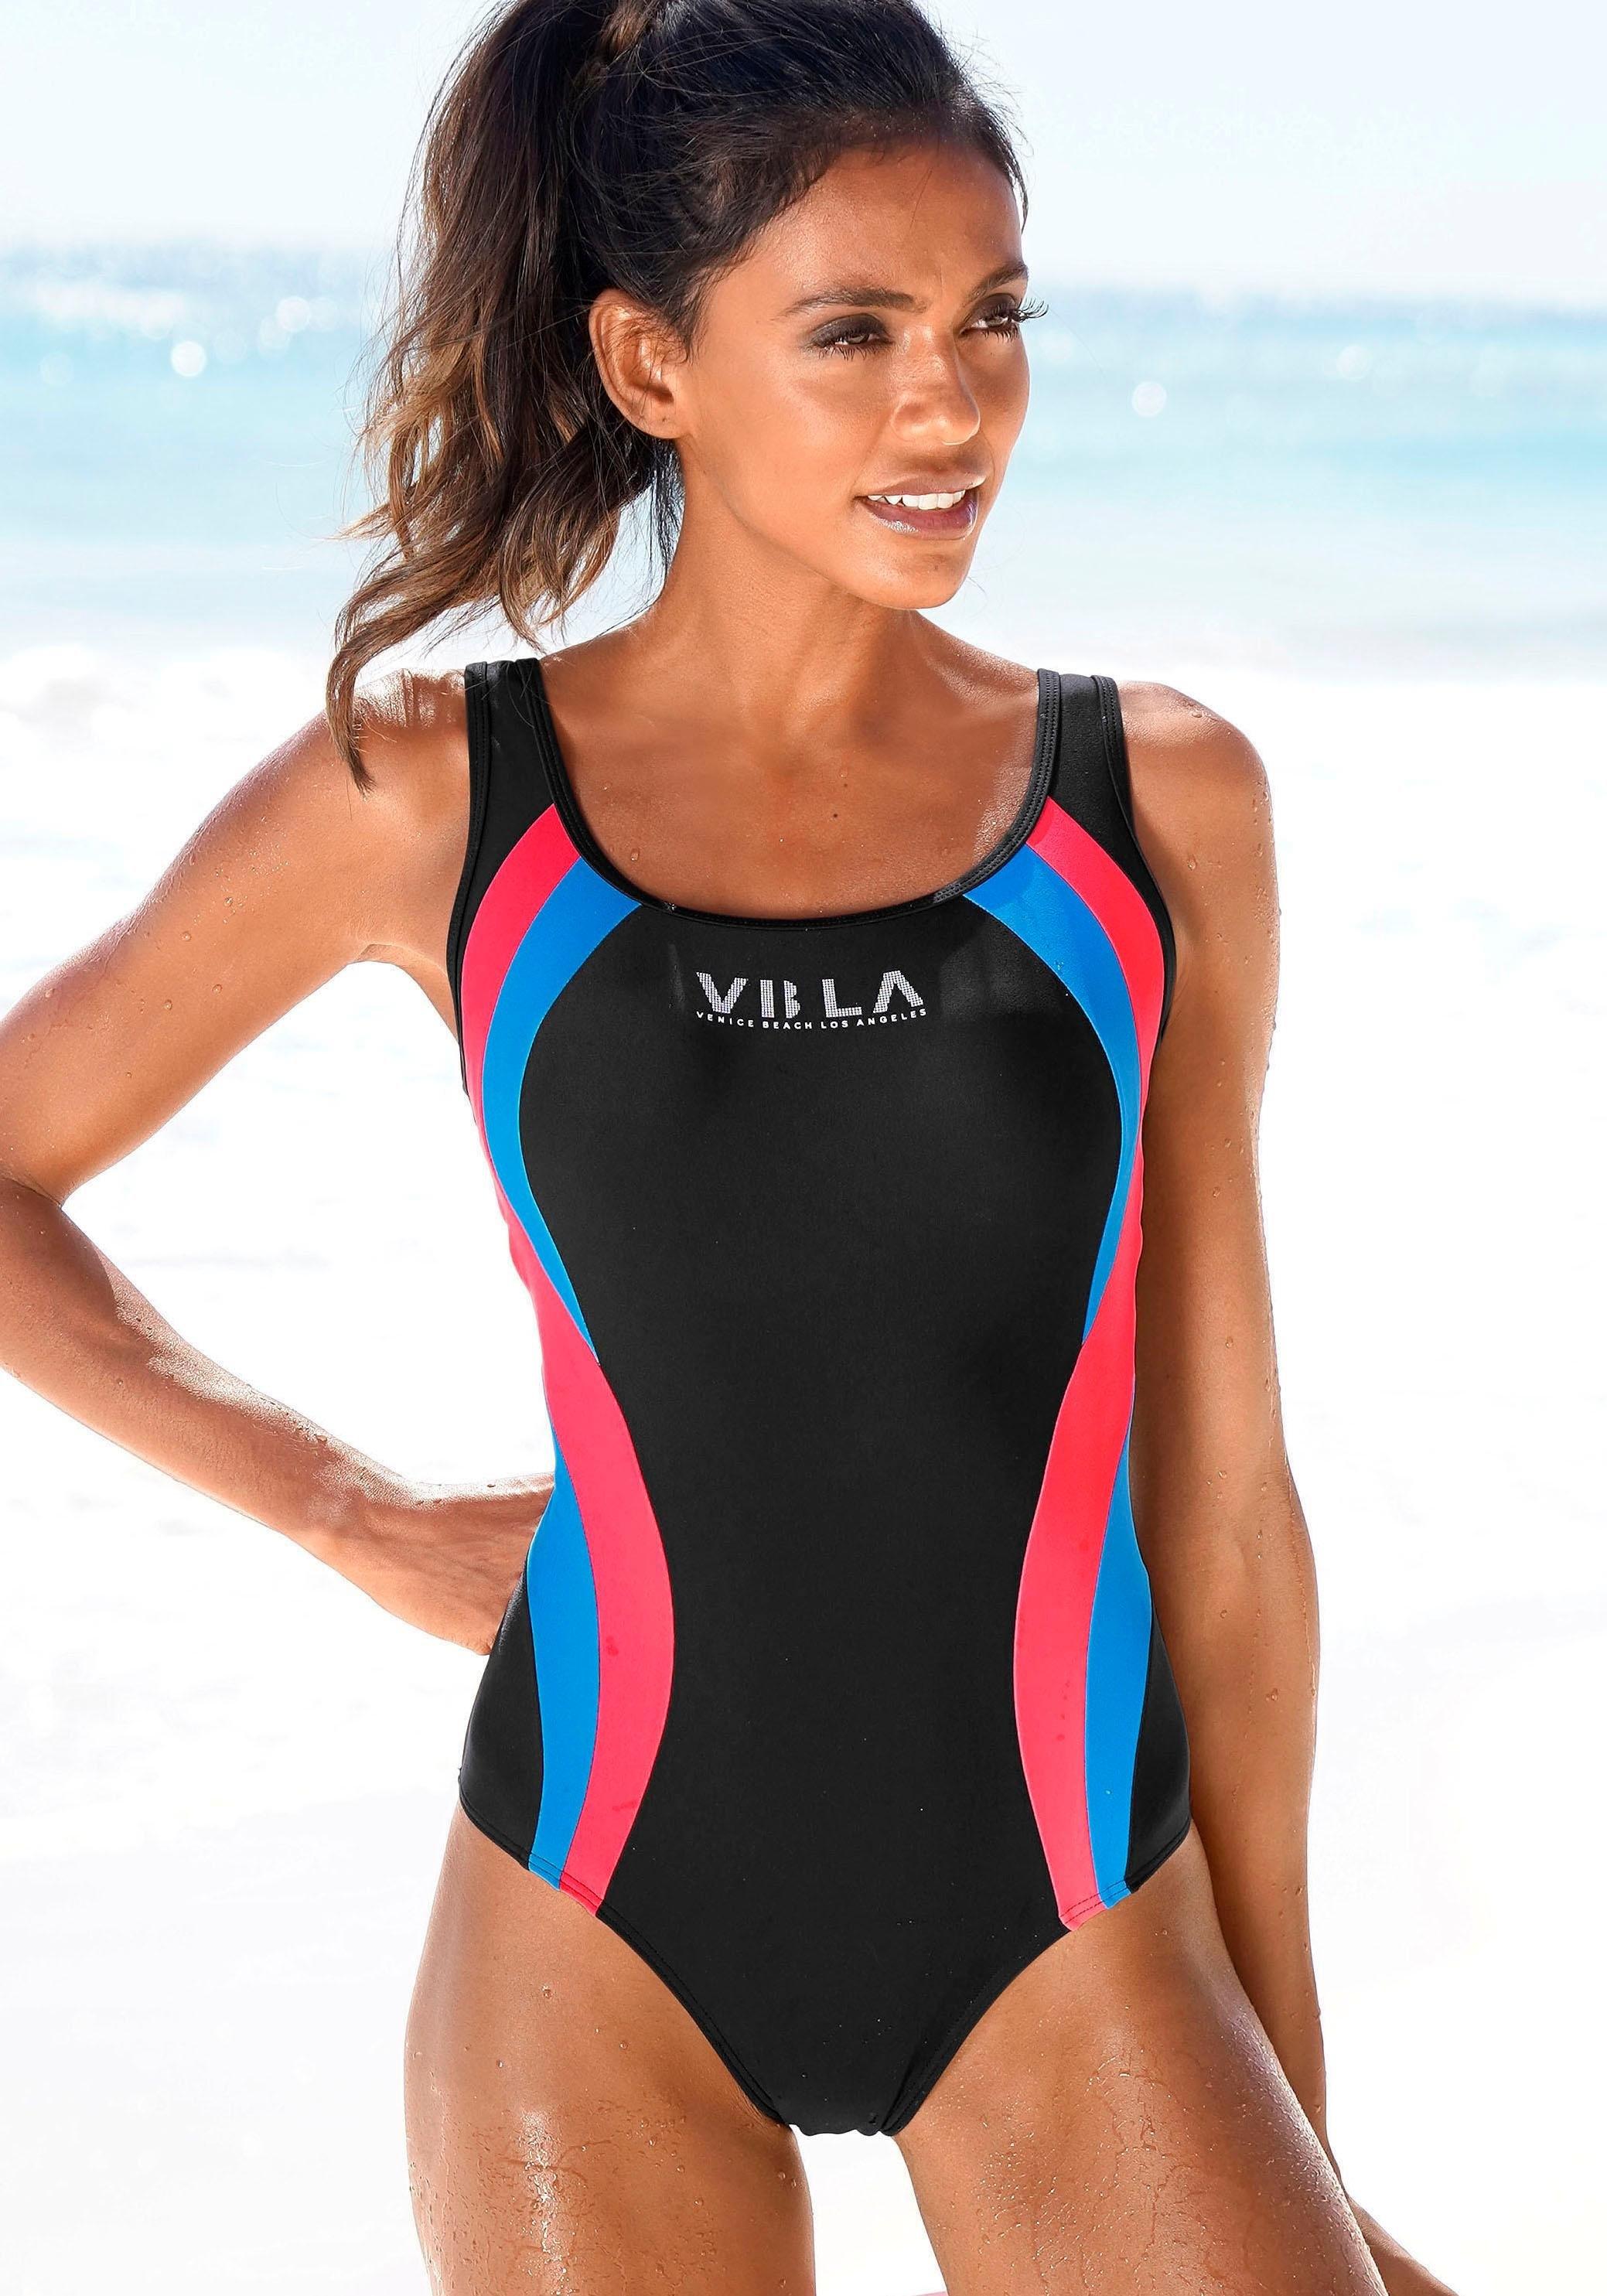 Op zoek naar een Venice Beach badpak Met logoprint en colourblocking-inzetten? Koop online bij OTTO